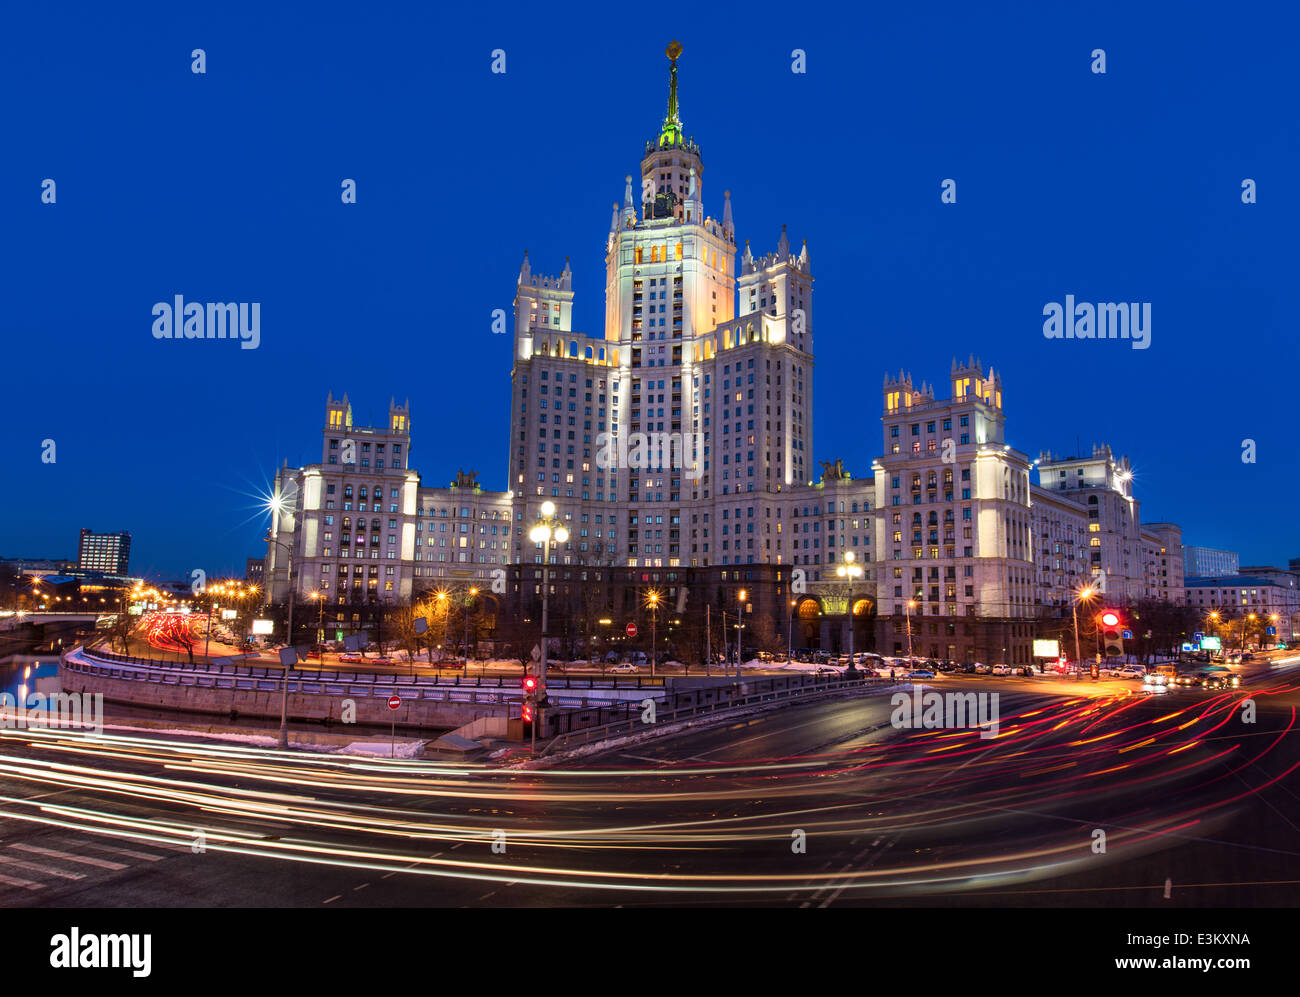 Nachtansicht des Stalin-Hochhaus am Kotelnicheskya Damm im Zentrum von Moskau, Russland Stockbild